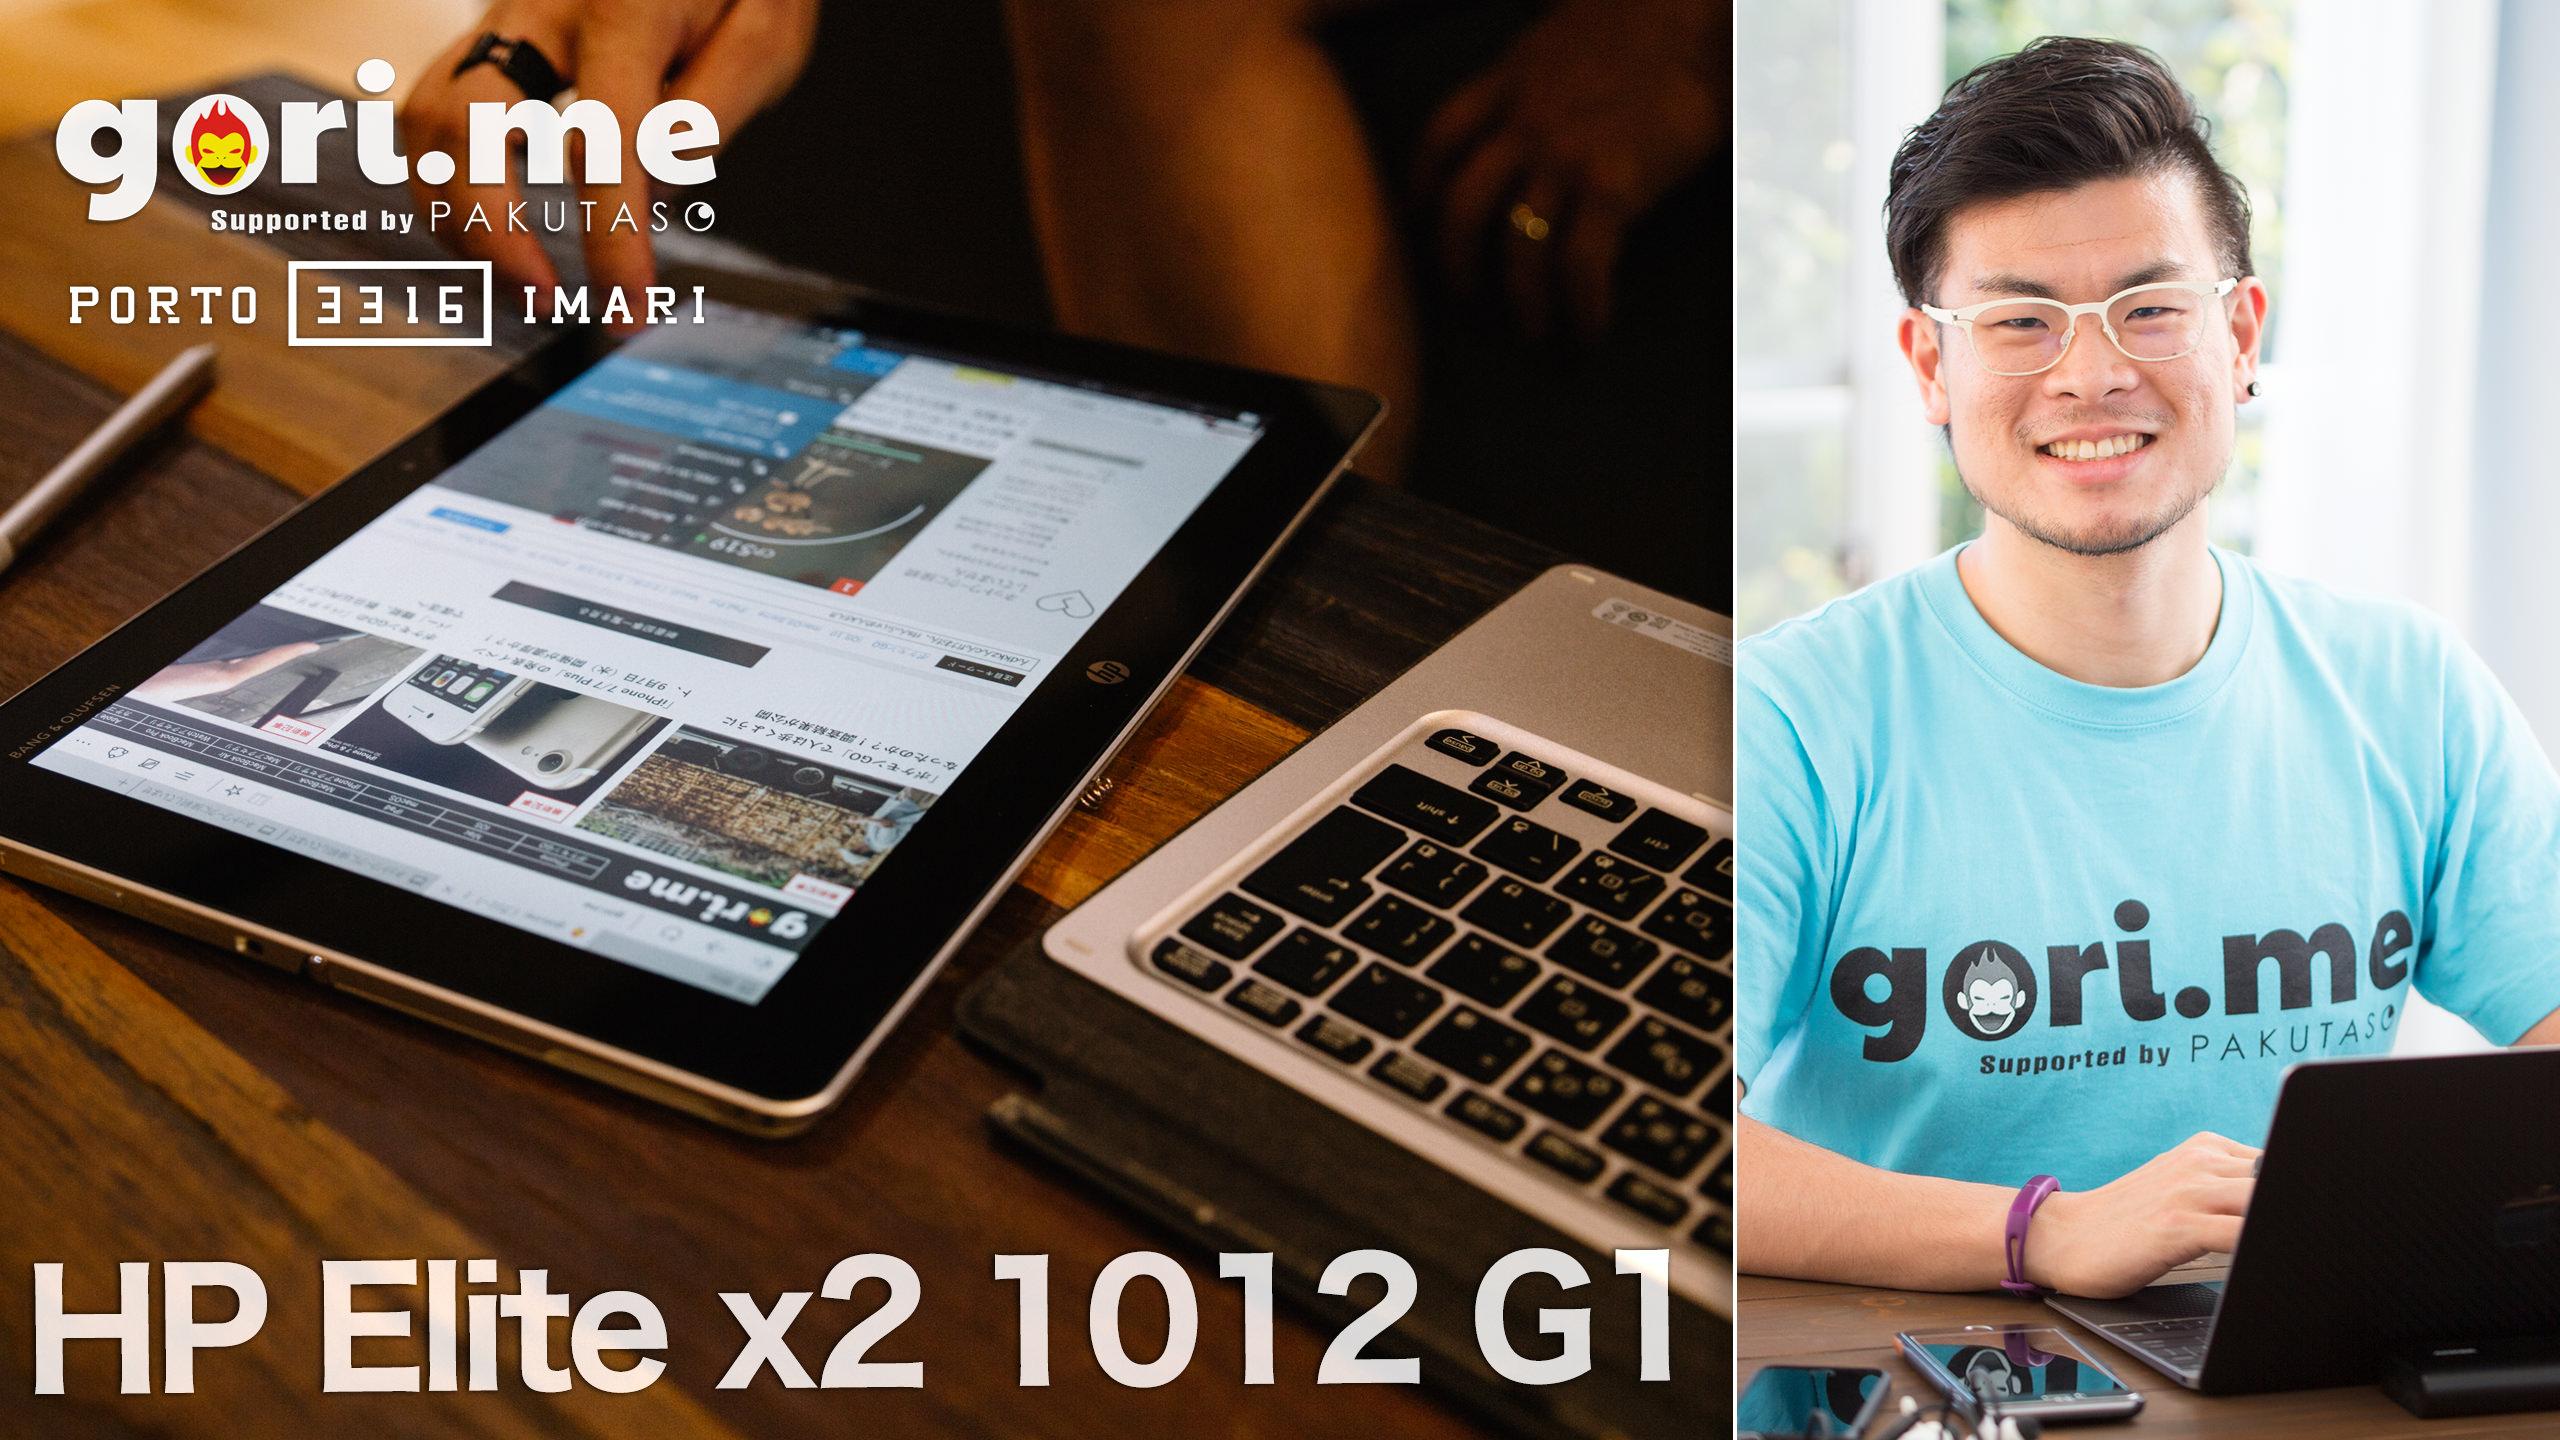 取り外し可能な万能タブレット「HP Elite x2 1012 G1 」はどうだった?